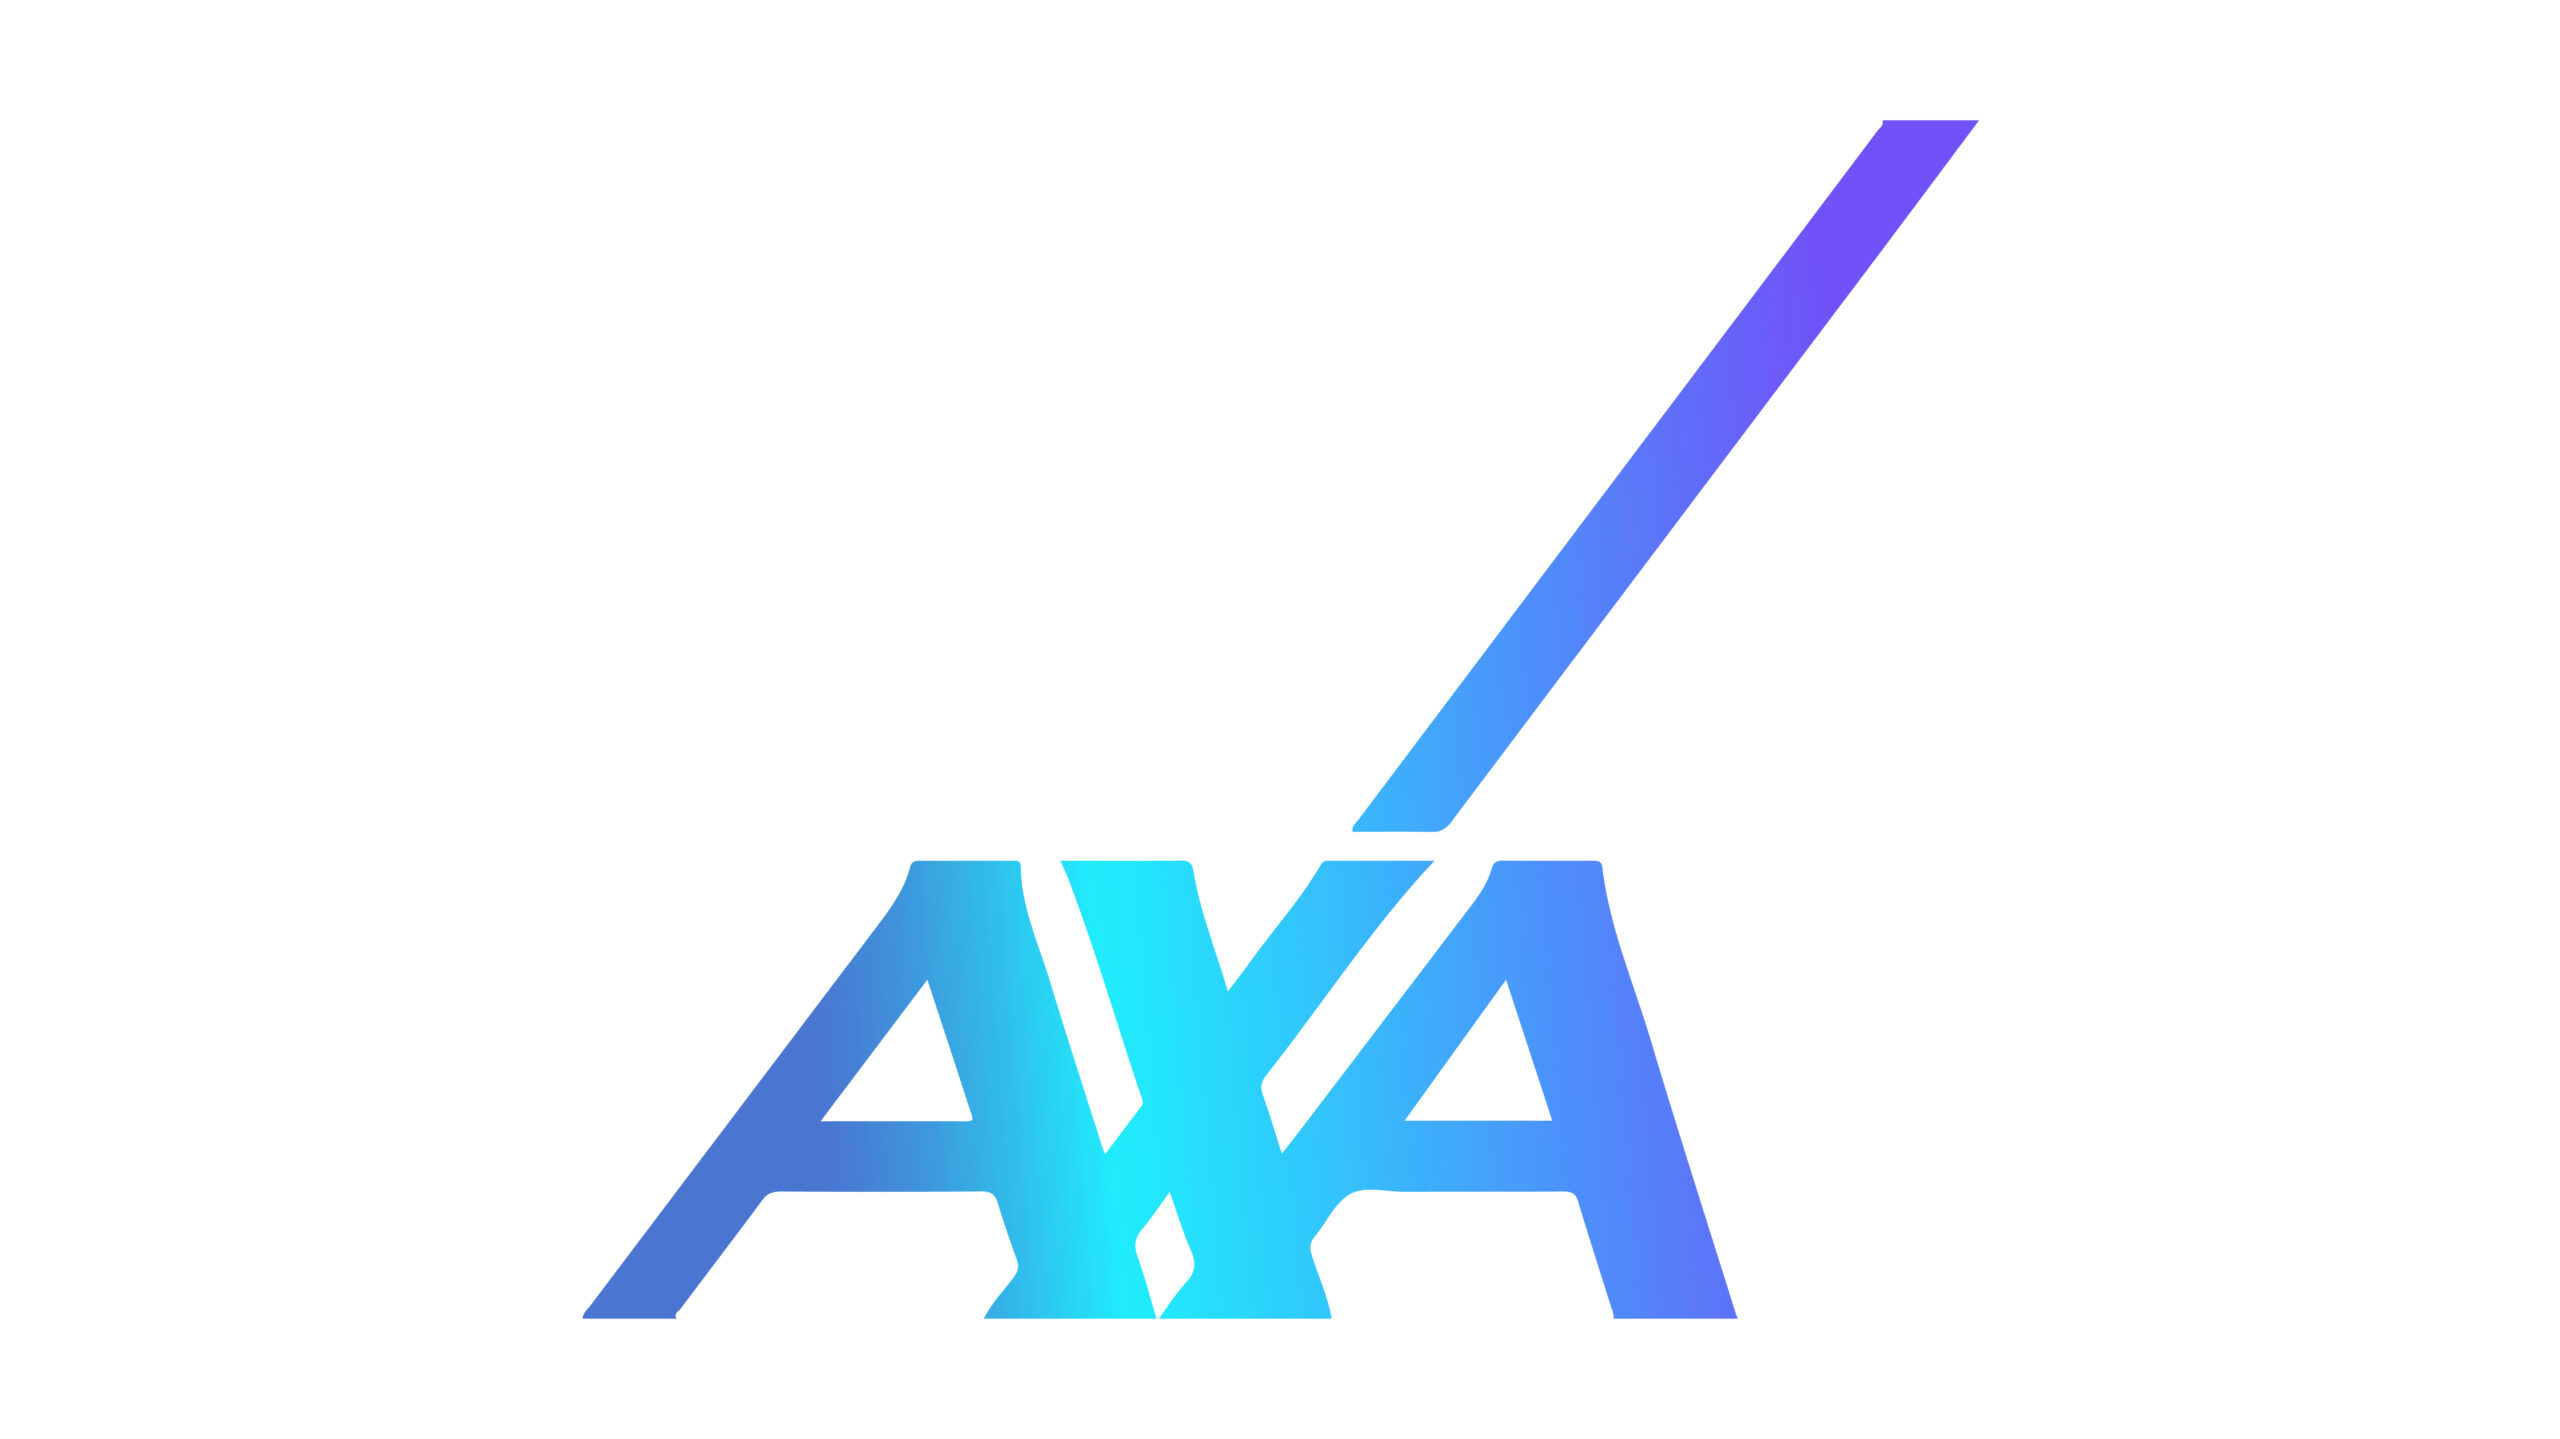 AXA продаст Generali страховые активы в Греции